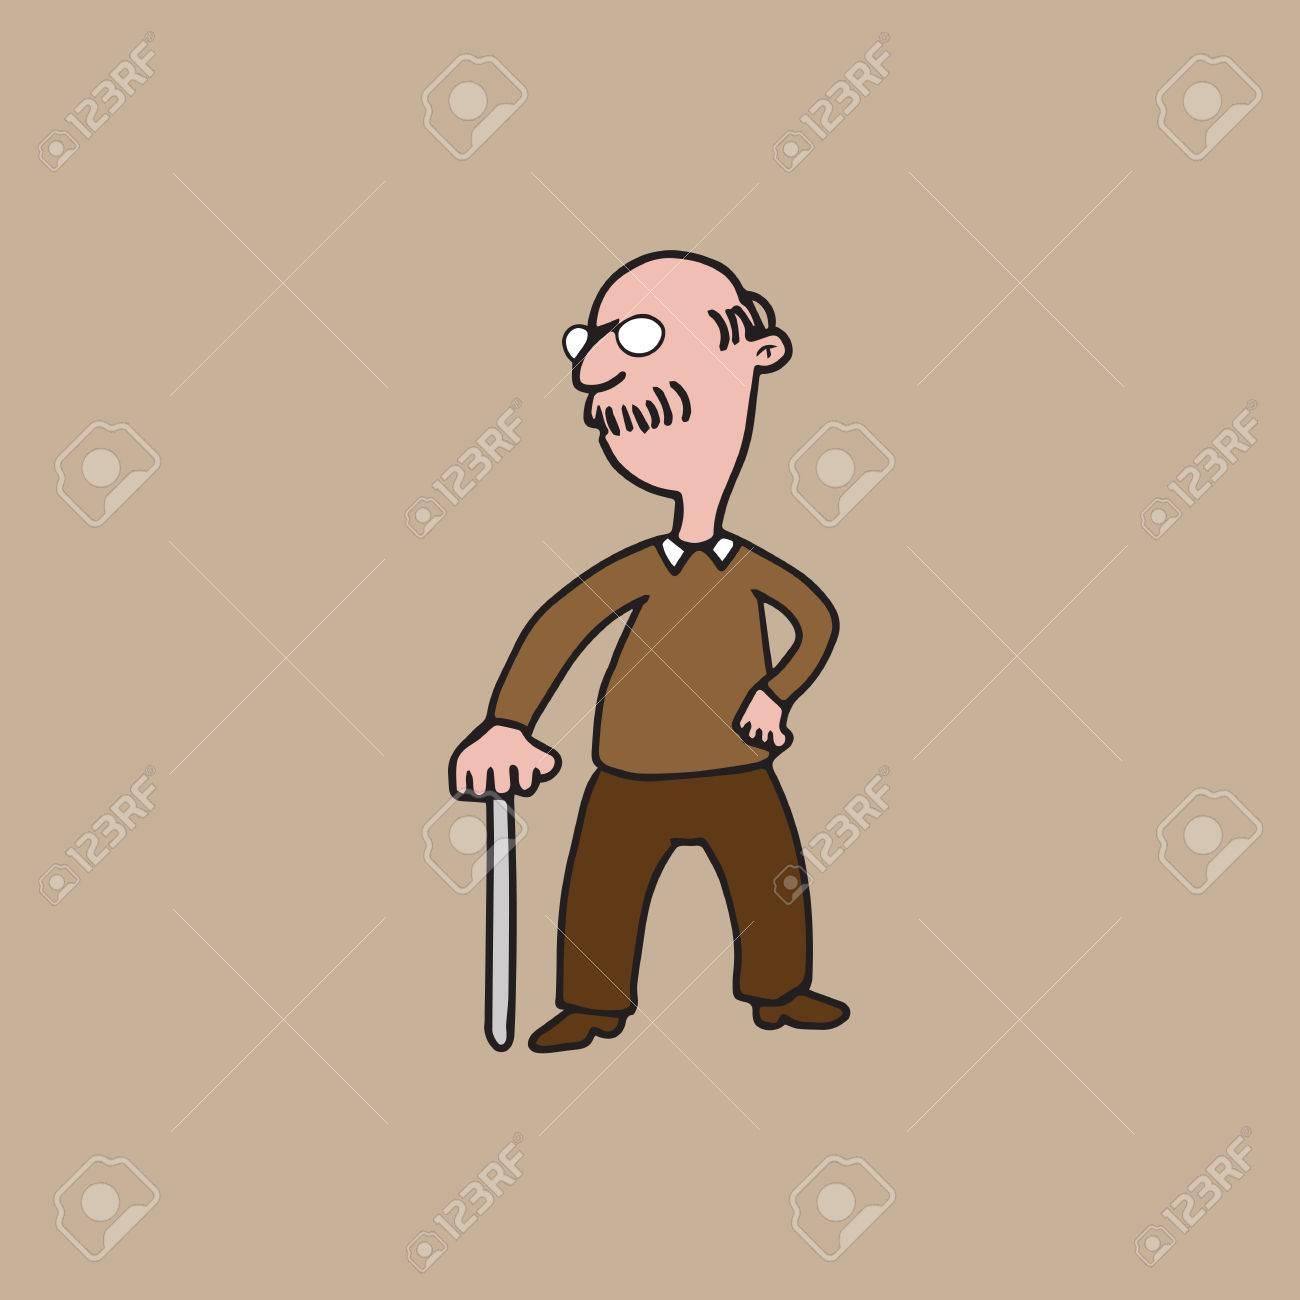 old man cartoon character vector royalty free cliparts, vectors, and